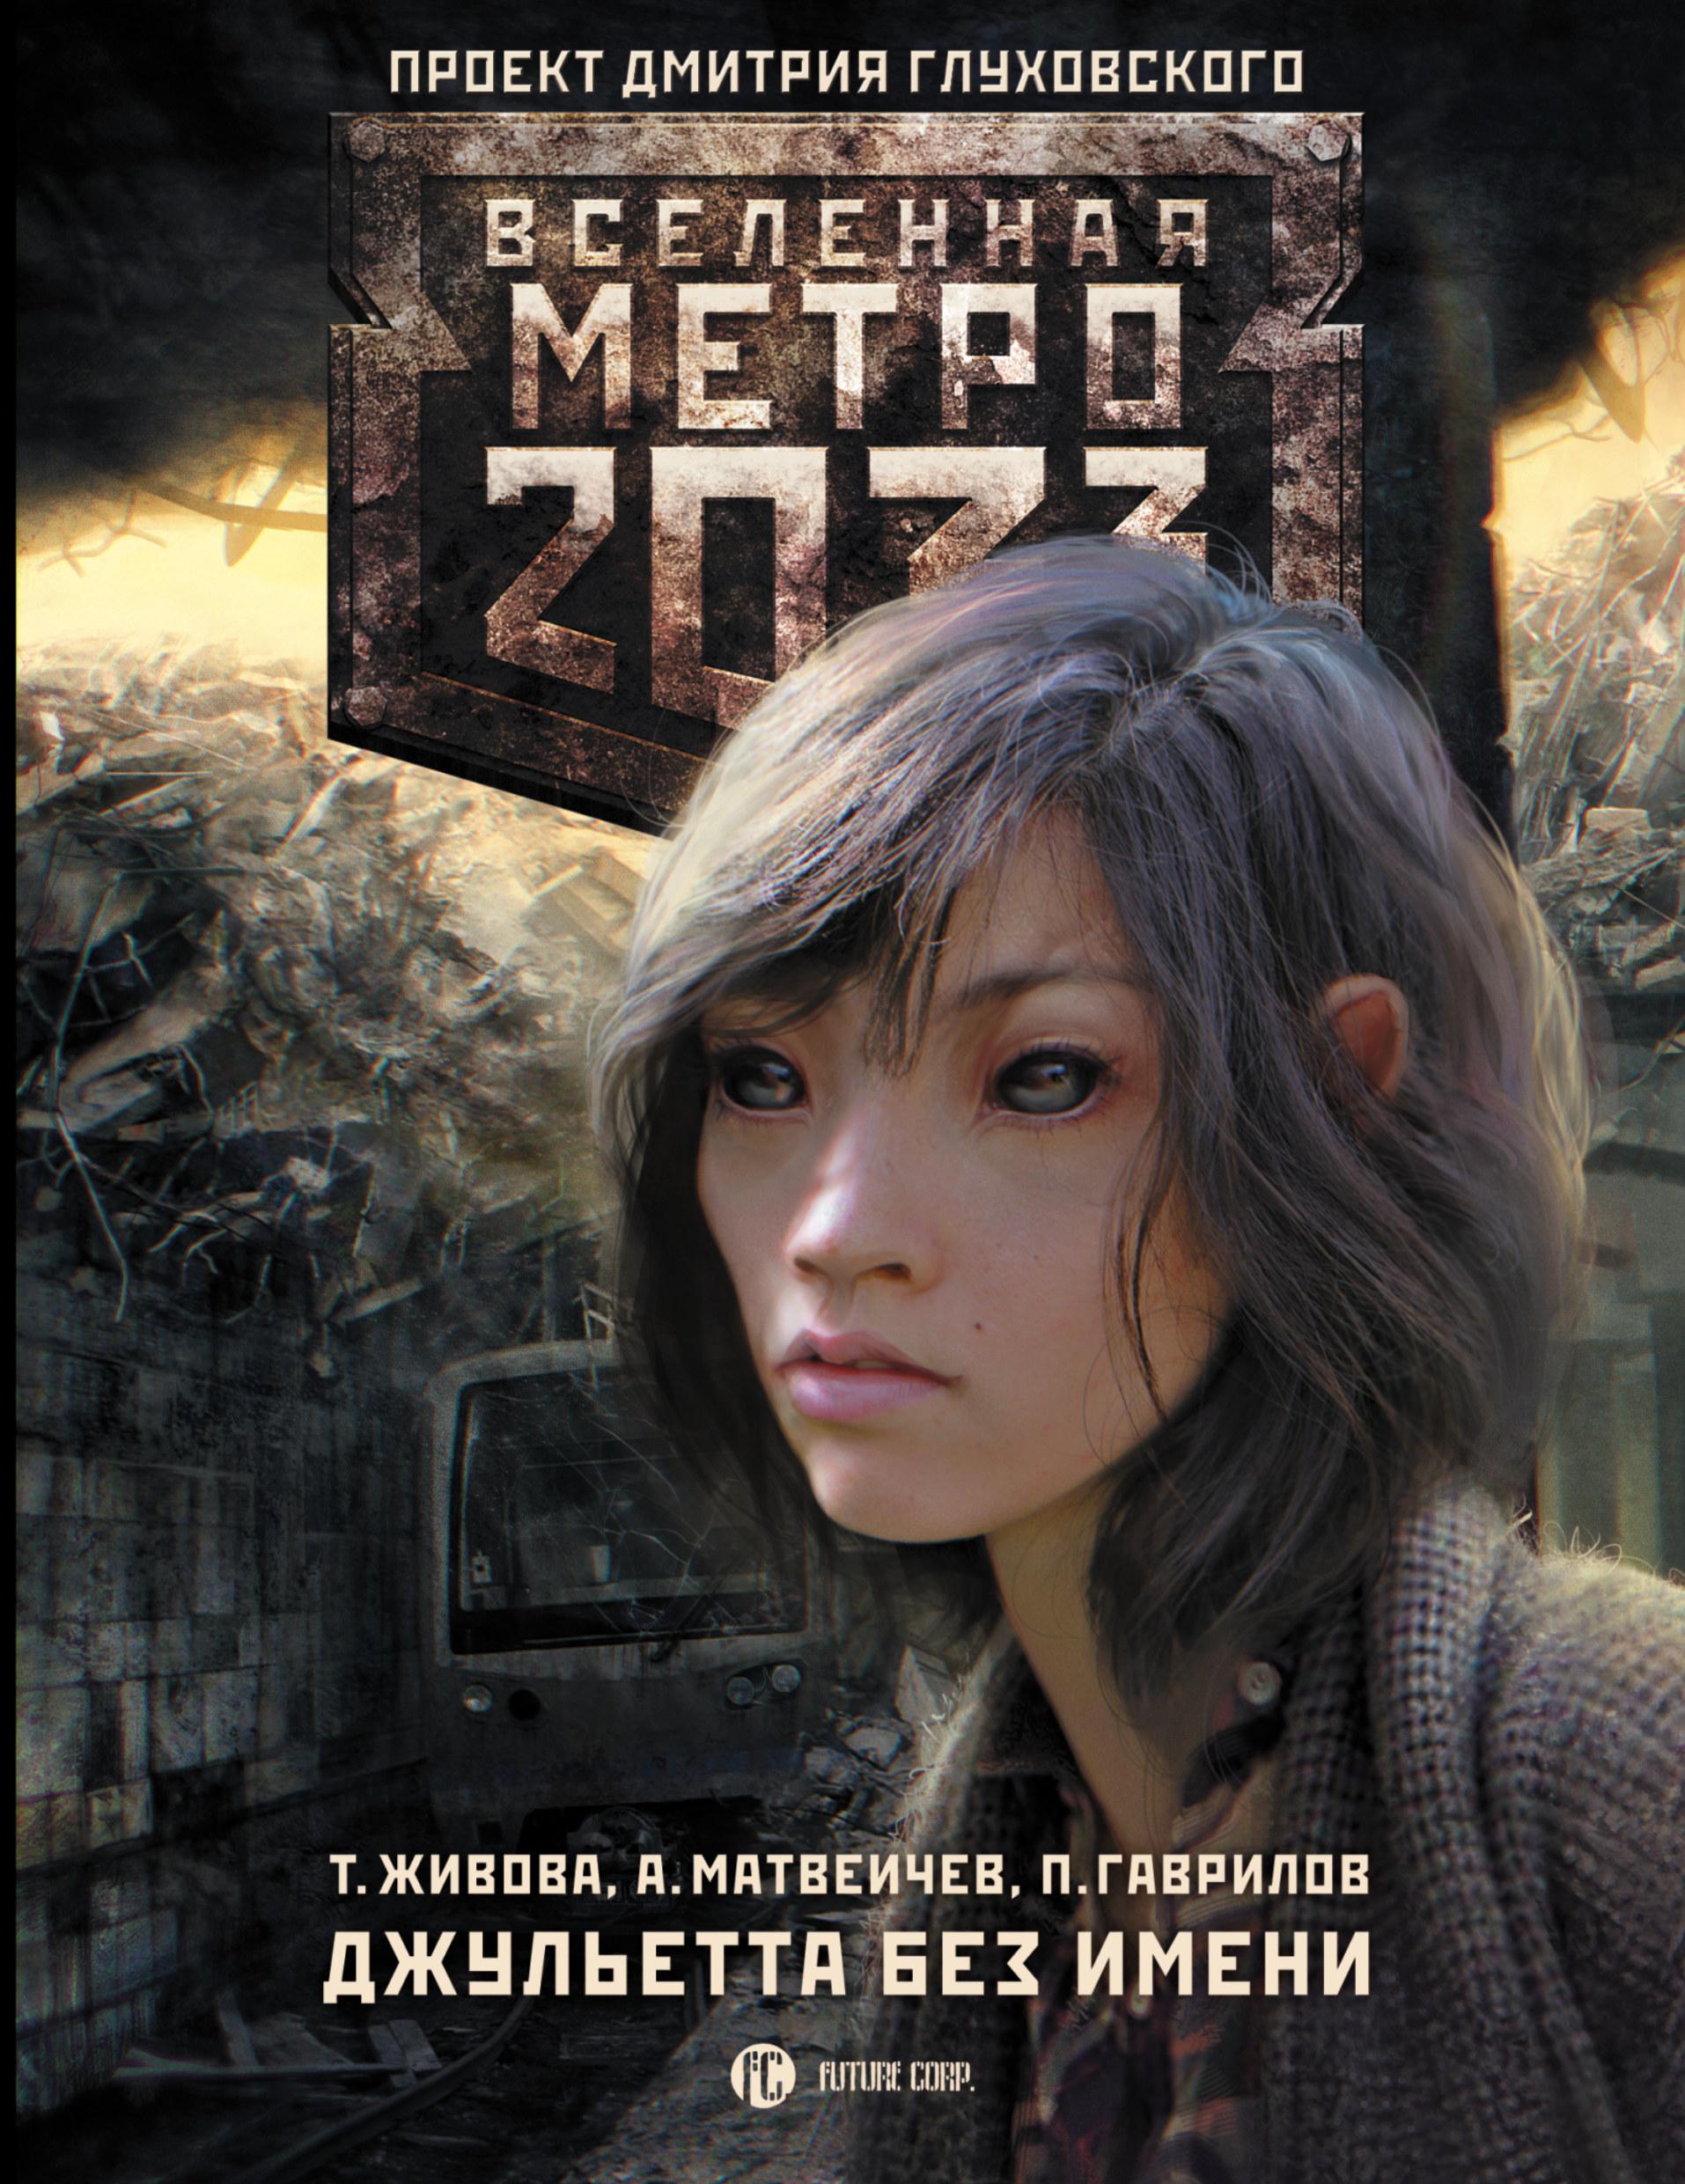 Живова Т.В. Метро 2033: Джульетта без имени часы как в игре метро 2033